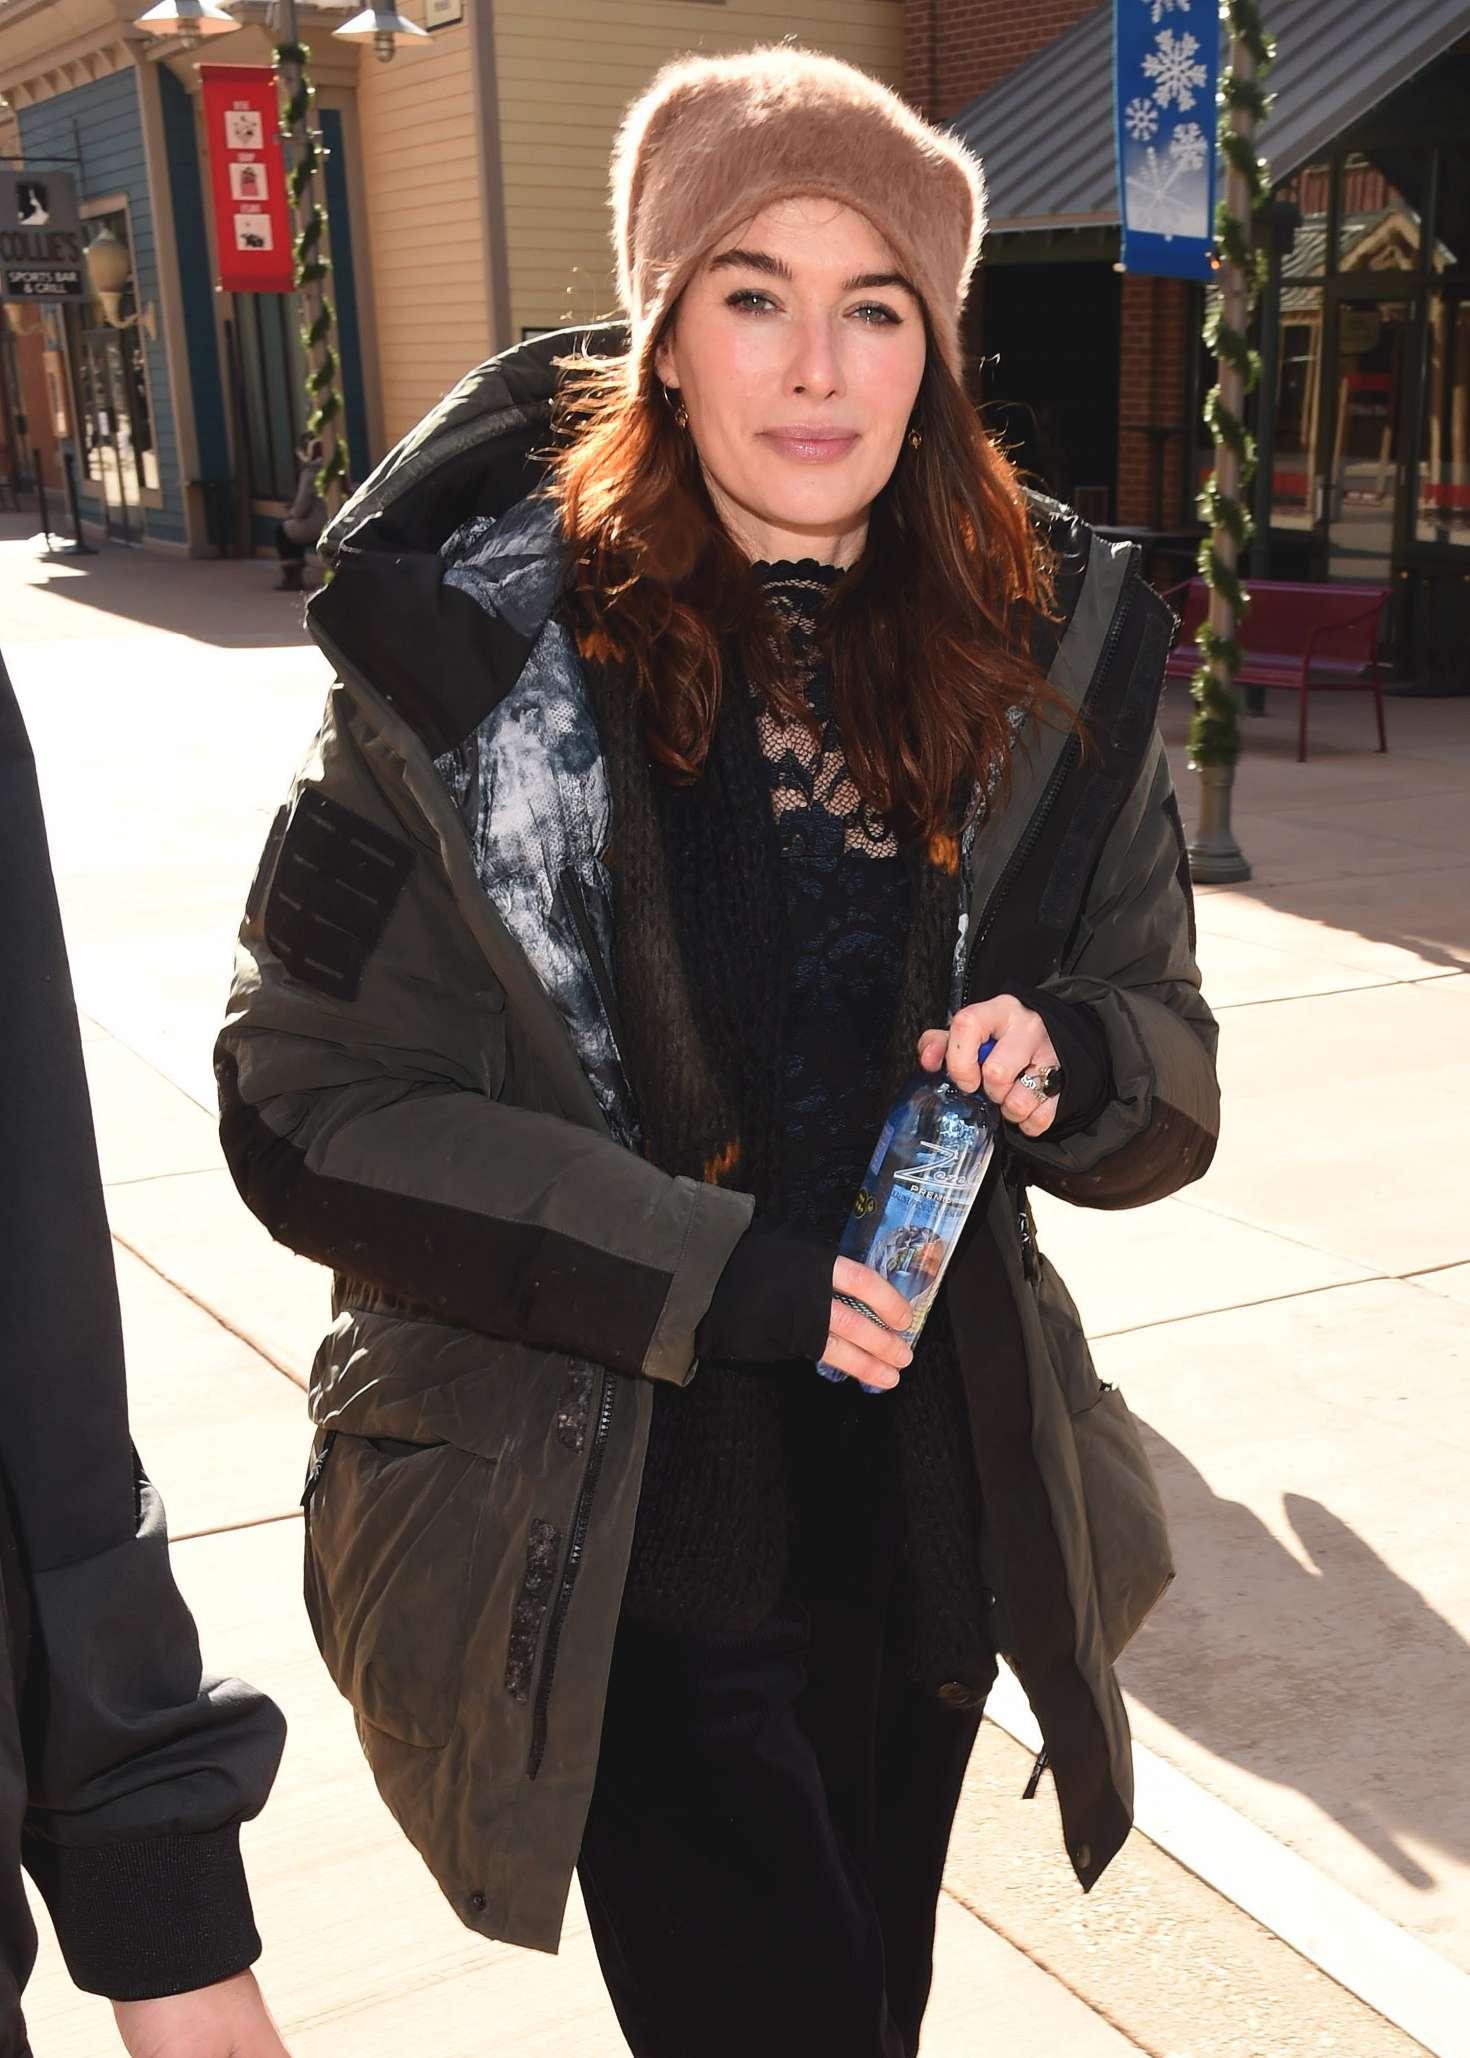 Lena Headey 2019 : Lena Headey: Sundance Film Festival 2019 -06